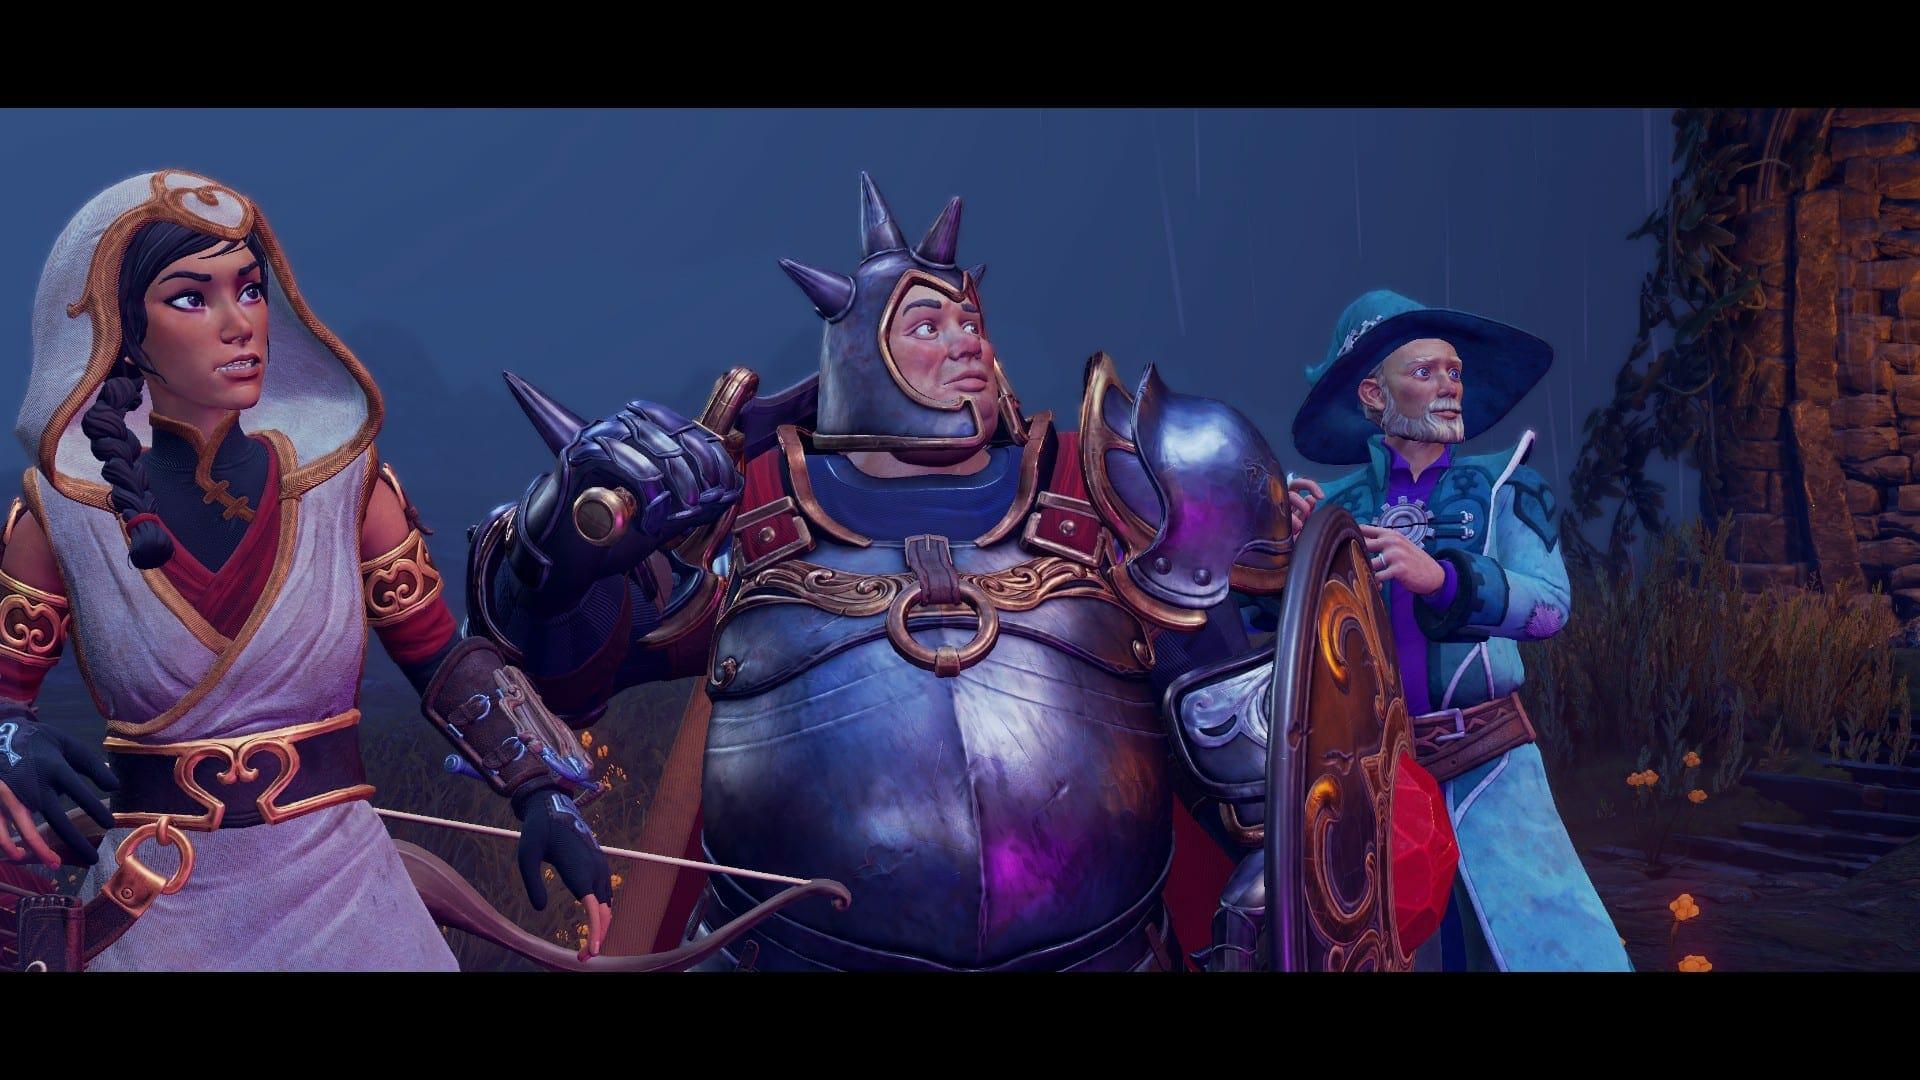 Trine Screenshot 3 - Trine 4: The Nightmare Prince Review - A Triumphant Return